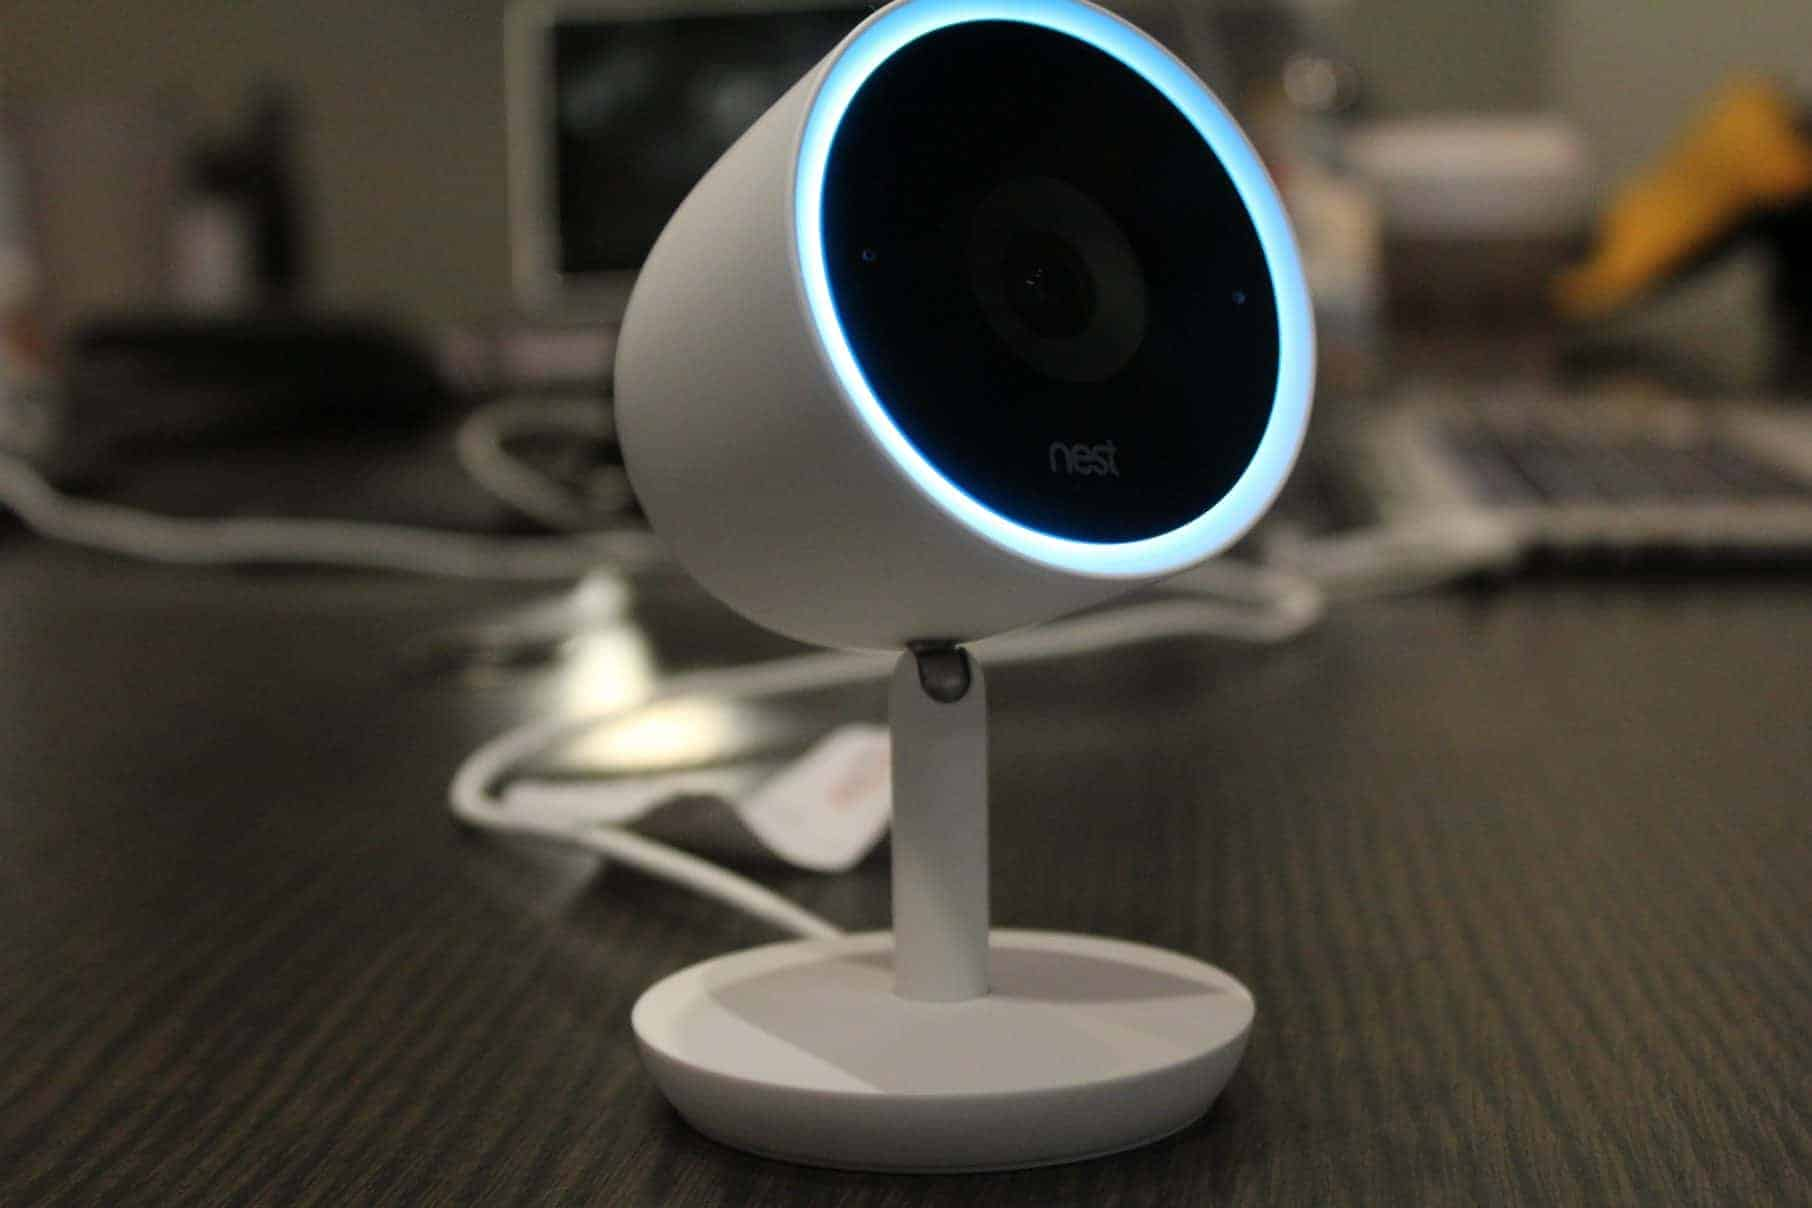 Nest Cam IQ 1